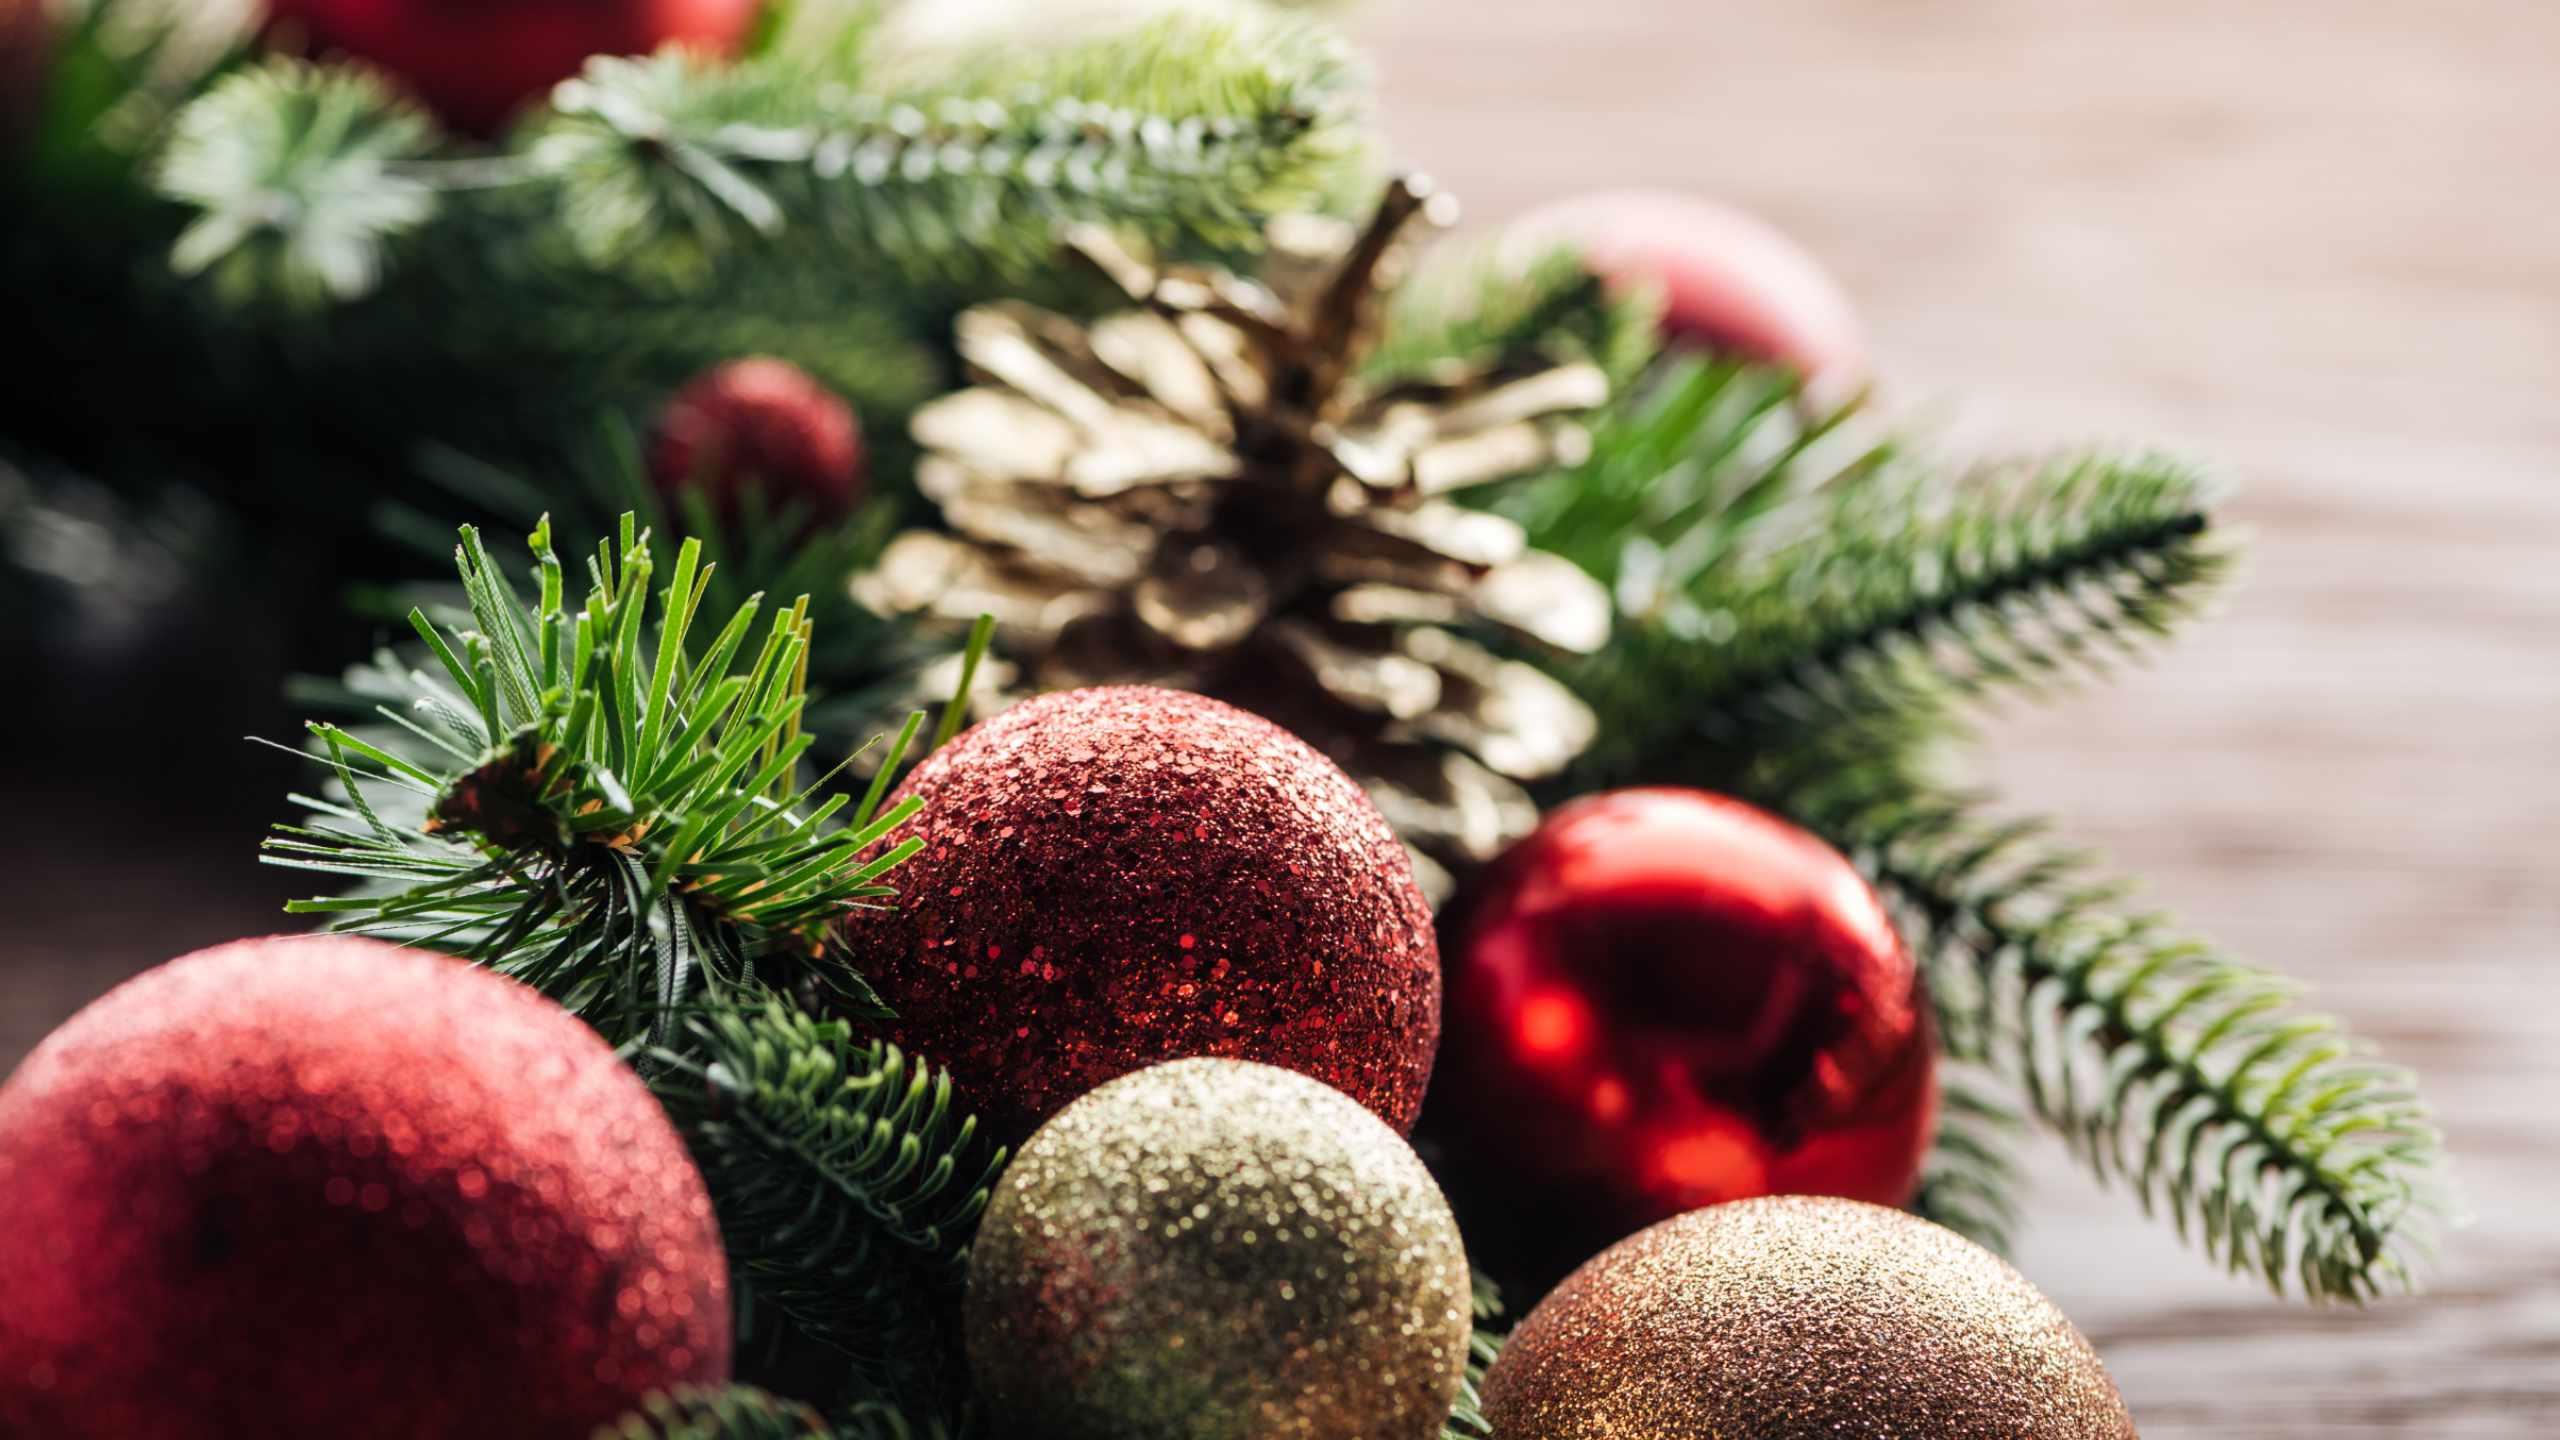 Ich wünsche Euch allen ein frohes und besinnliches Weihnachtsfest! (Bild: https://claus.de)